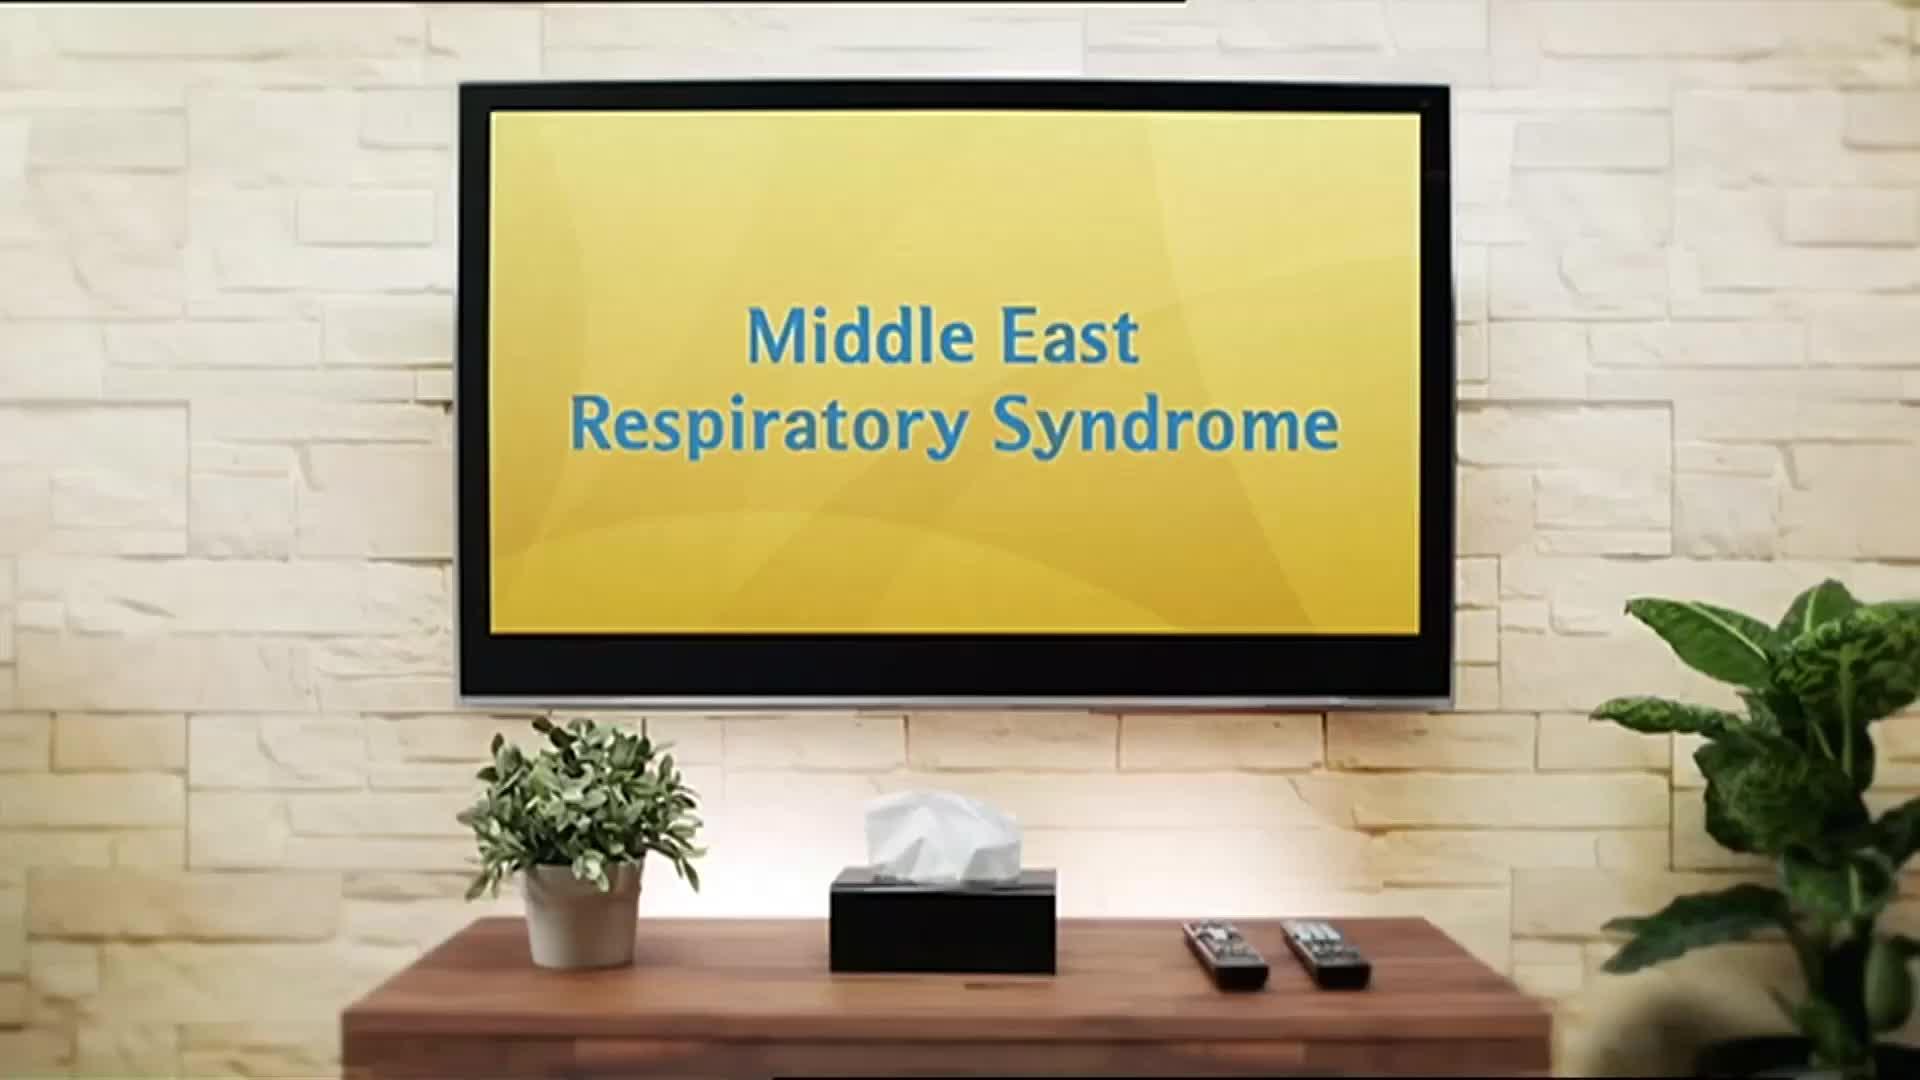 央视广告欣赏-预防中东呼吸综合症(英文)